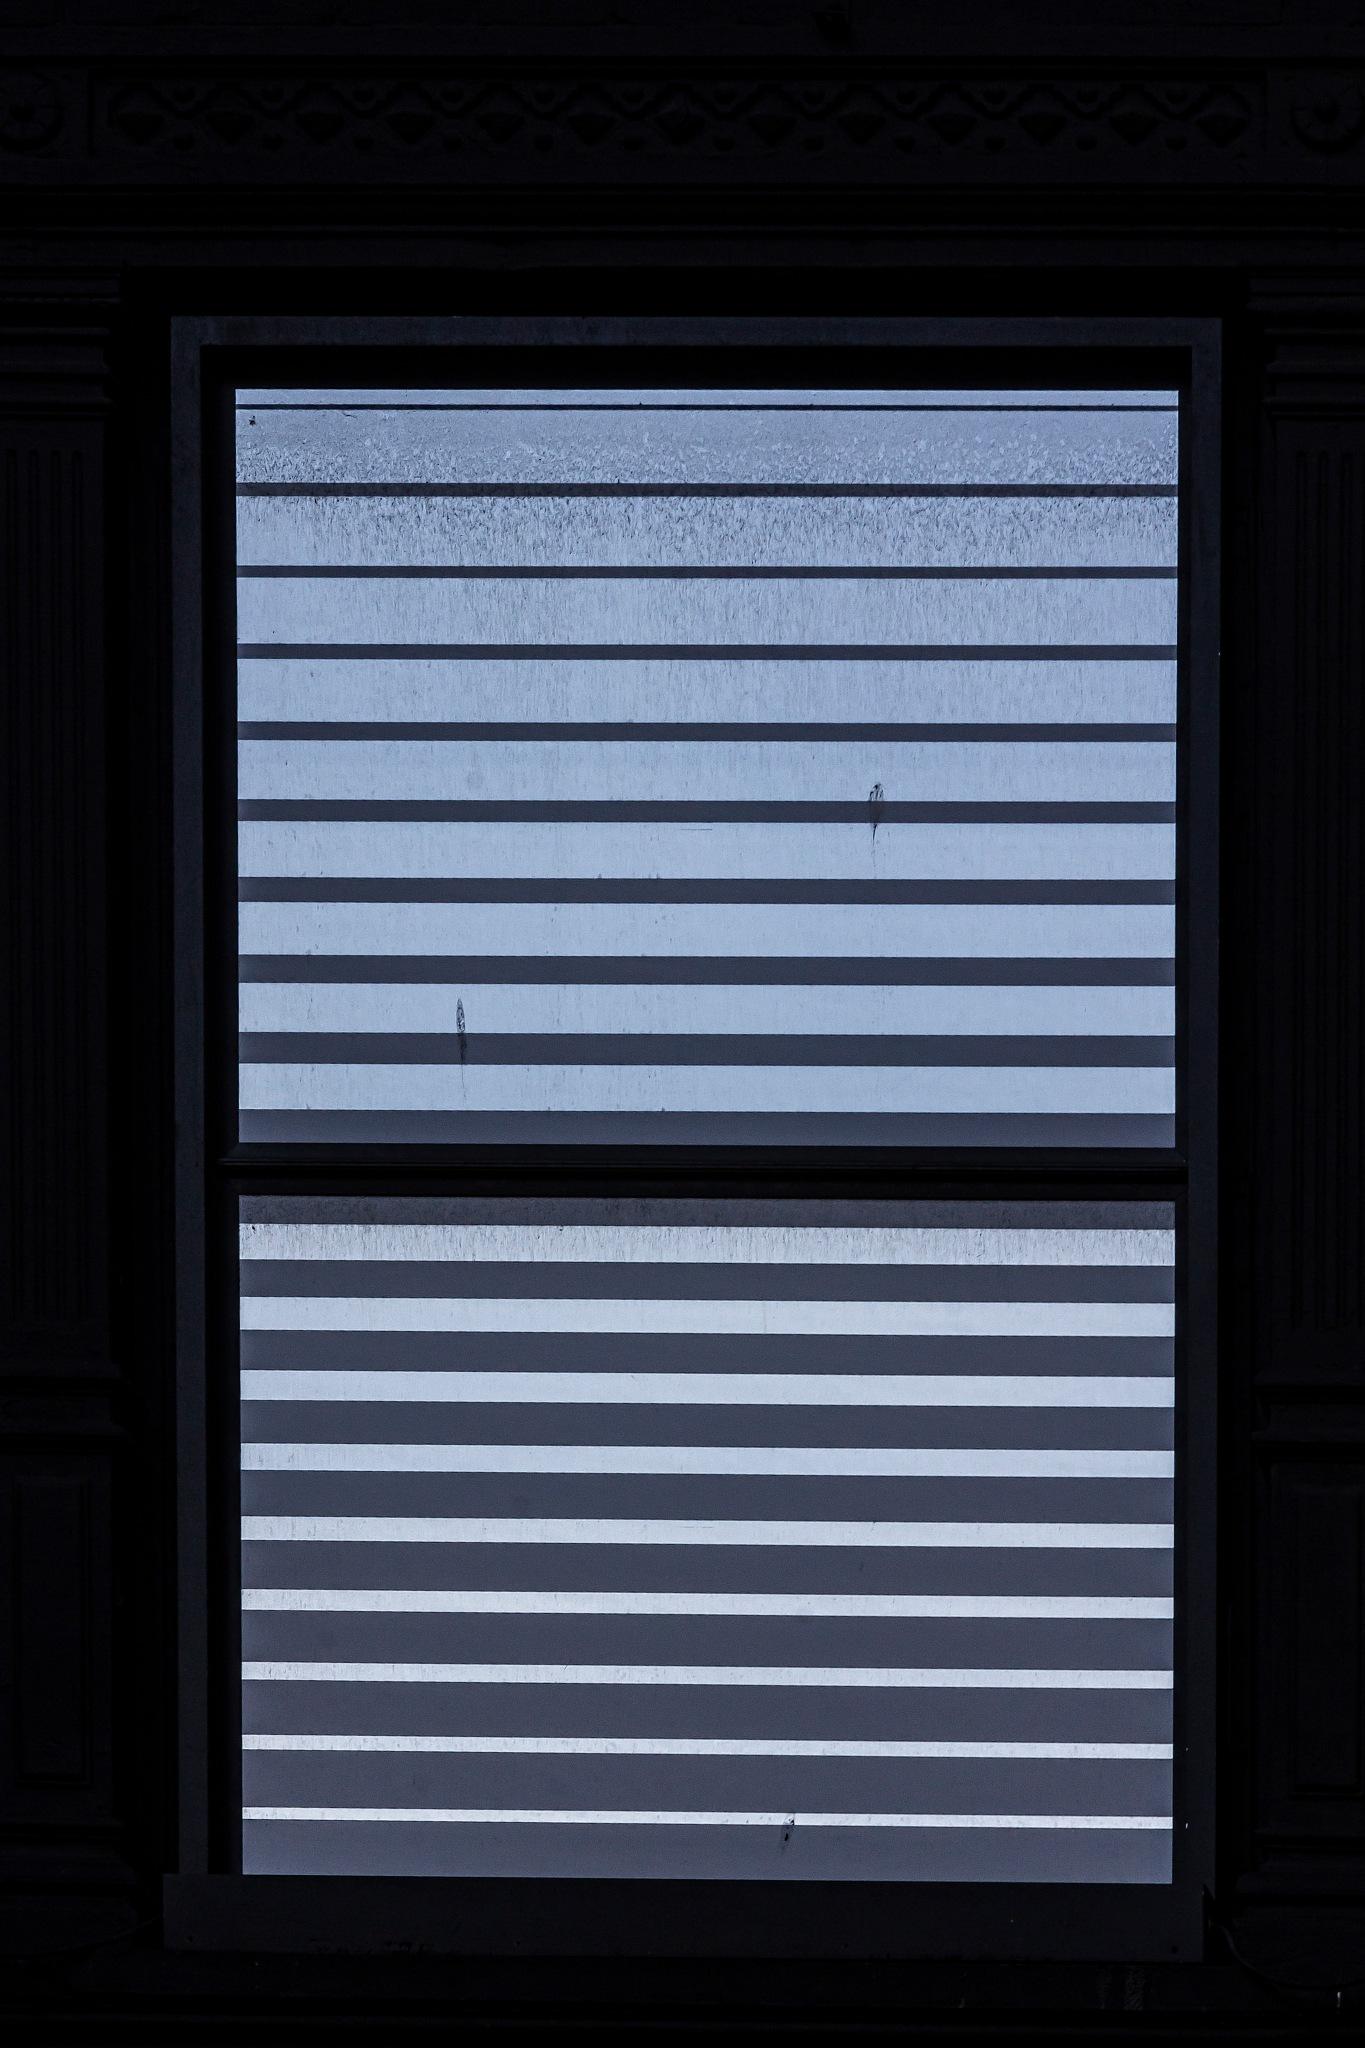 Metal Window Blinds by robertullmann